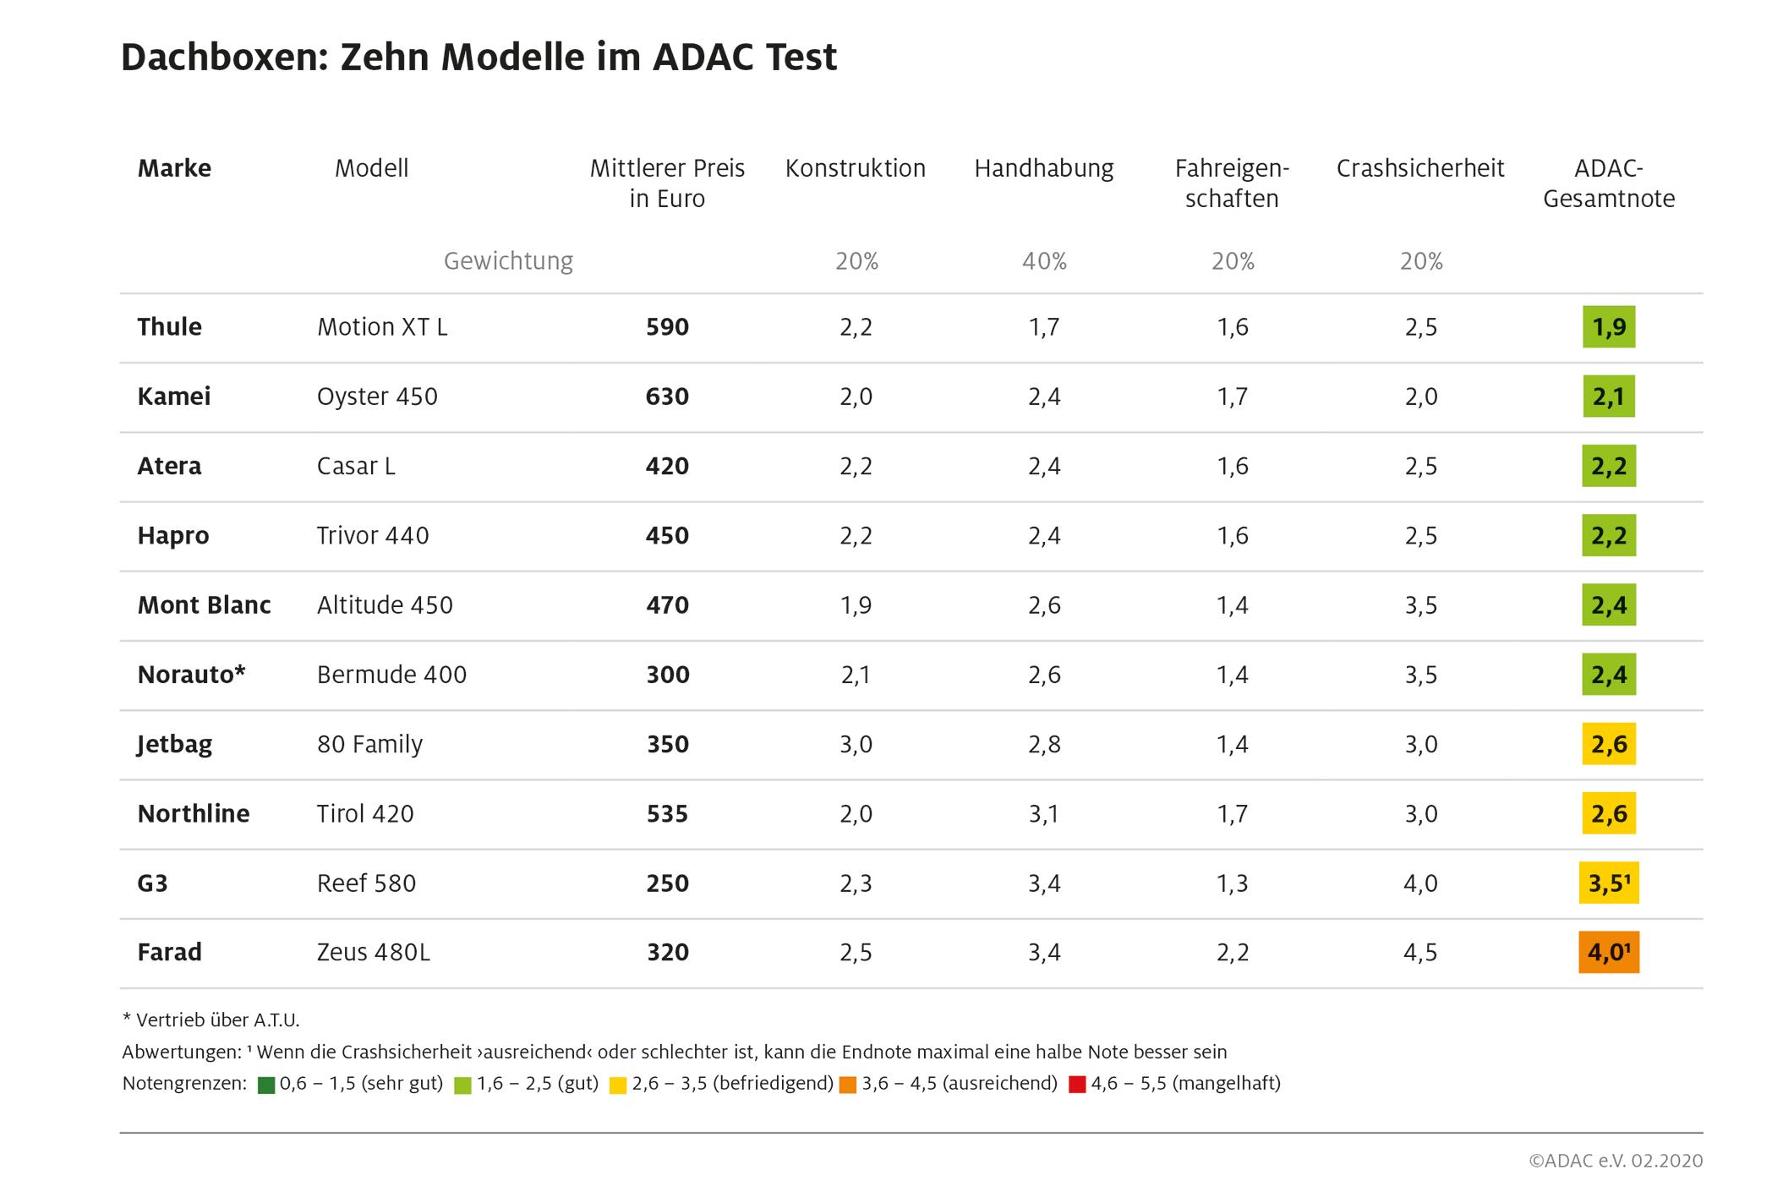 mid Groß-Gerau - Das Ergebnis zeigt: Teuer ist am Ende auch gut. ADAC